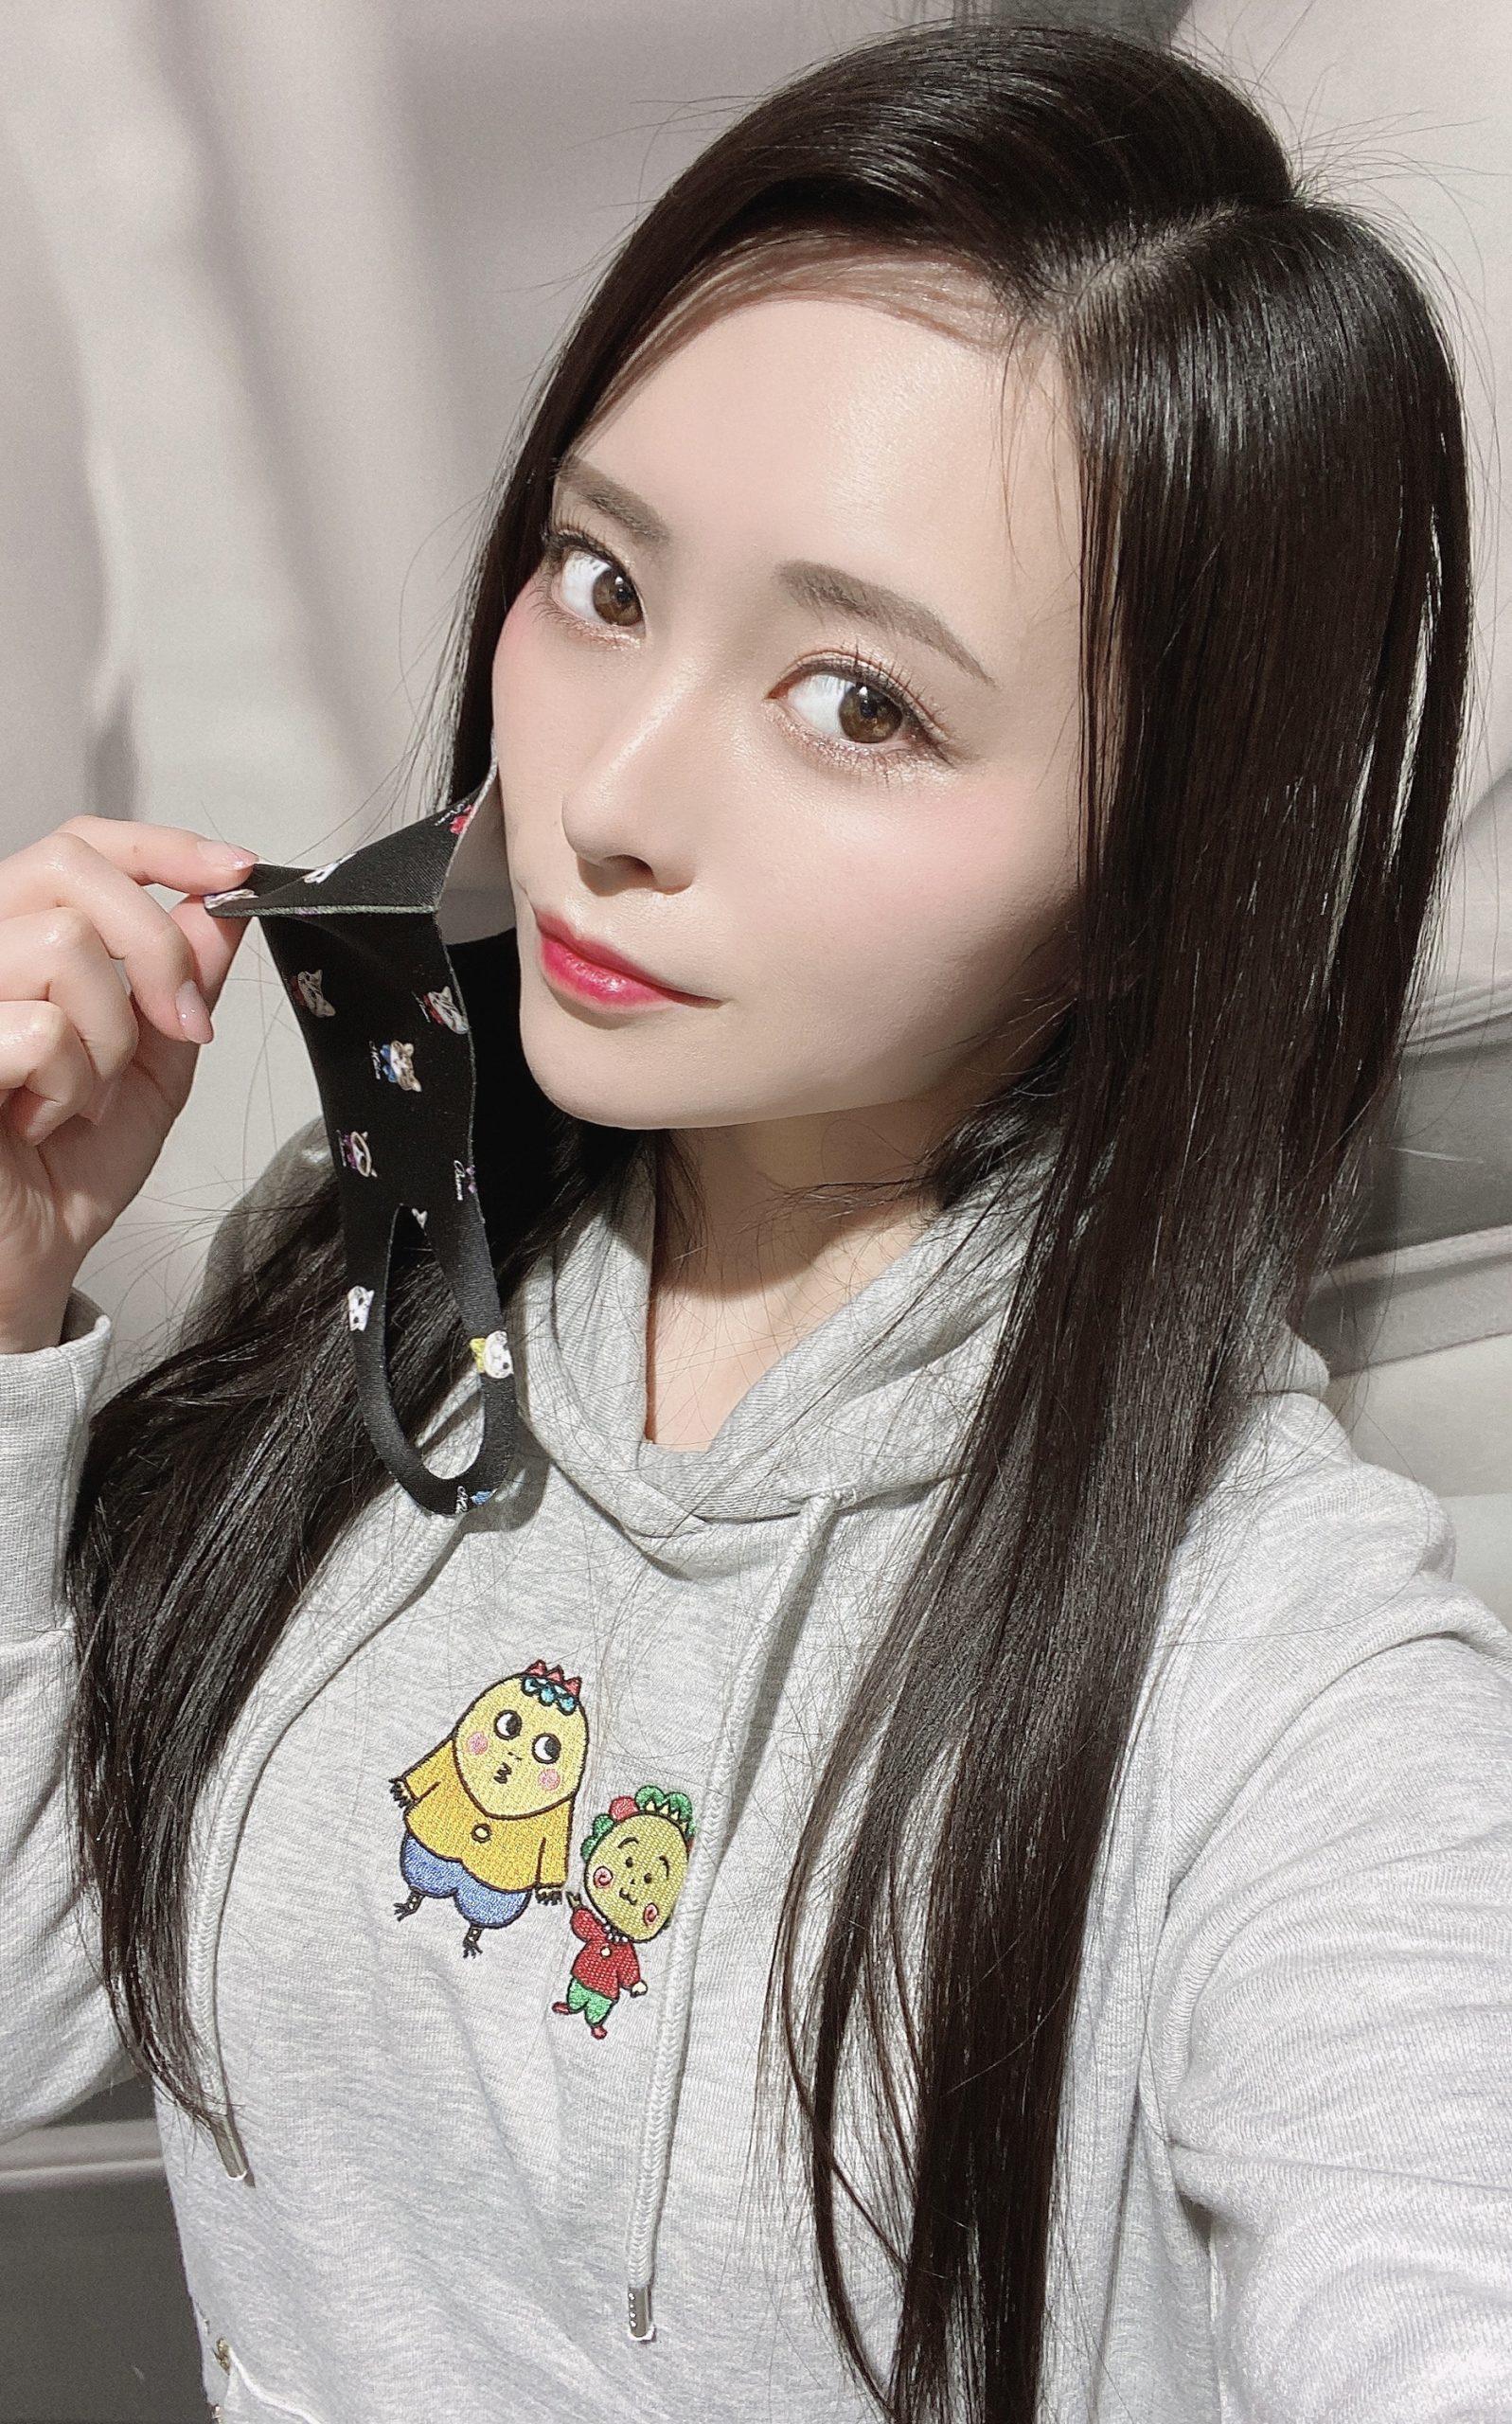 コジコジパーカー美女自撮り黒髪ロングストレート